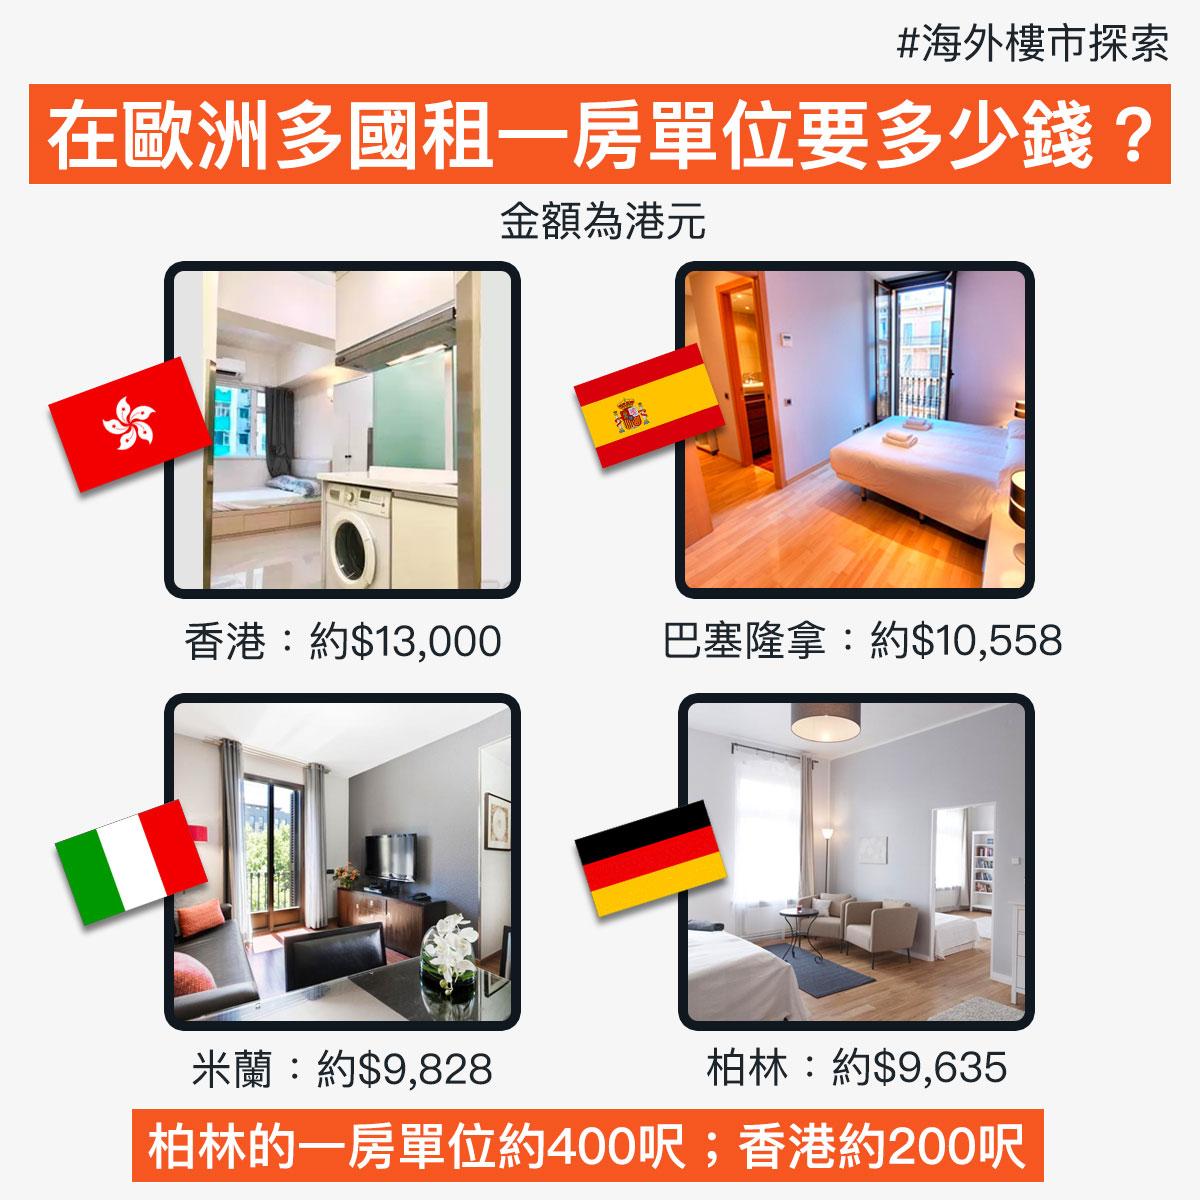 【海外樓市探索】在歐洲多國租一房單位要多少錢?